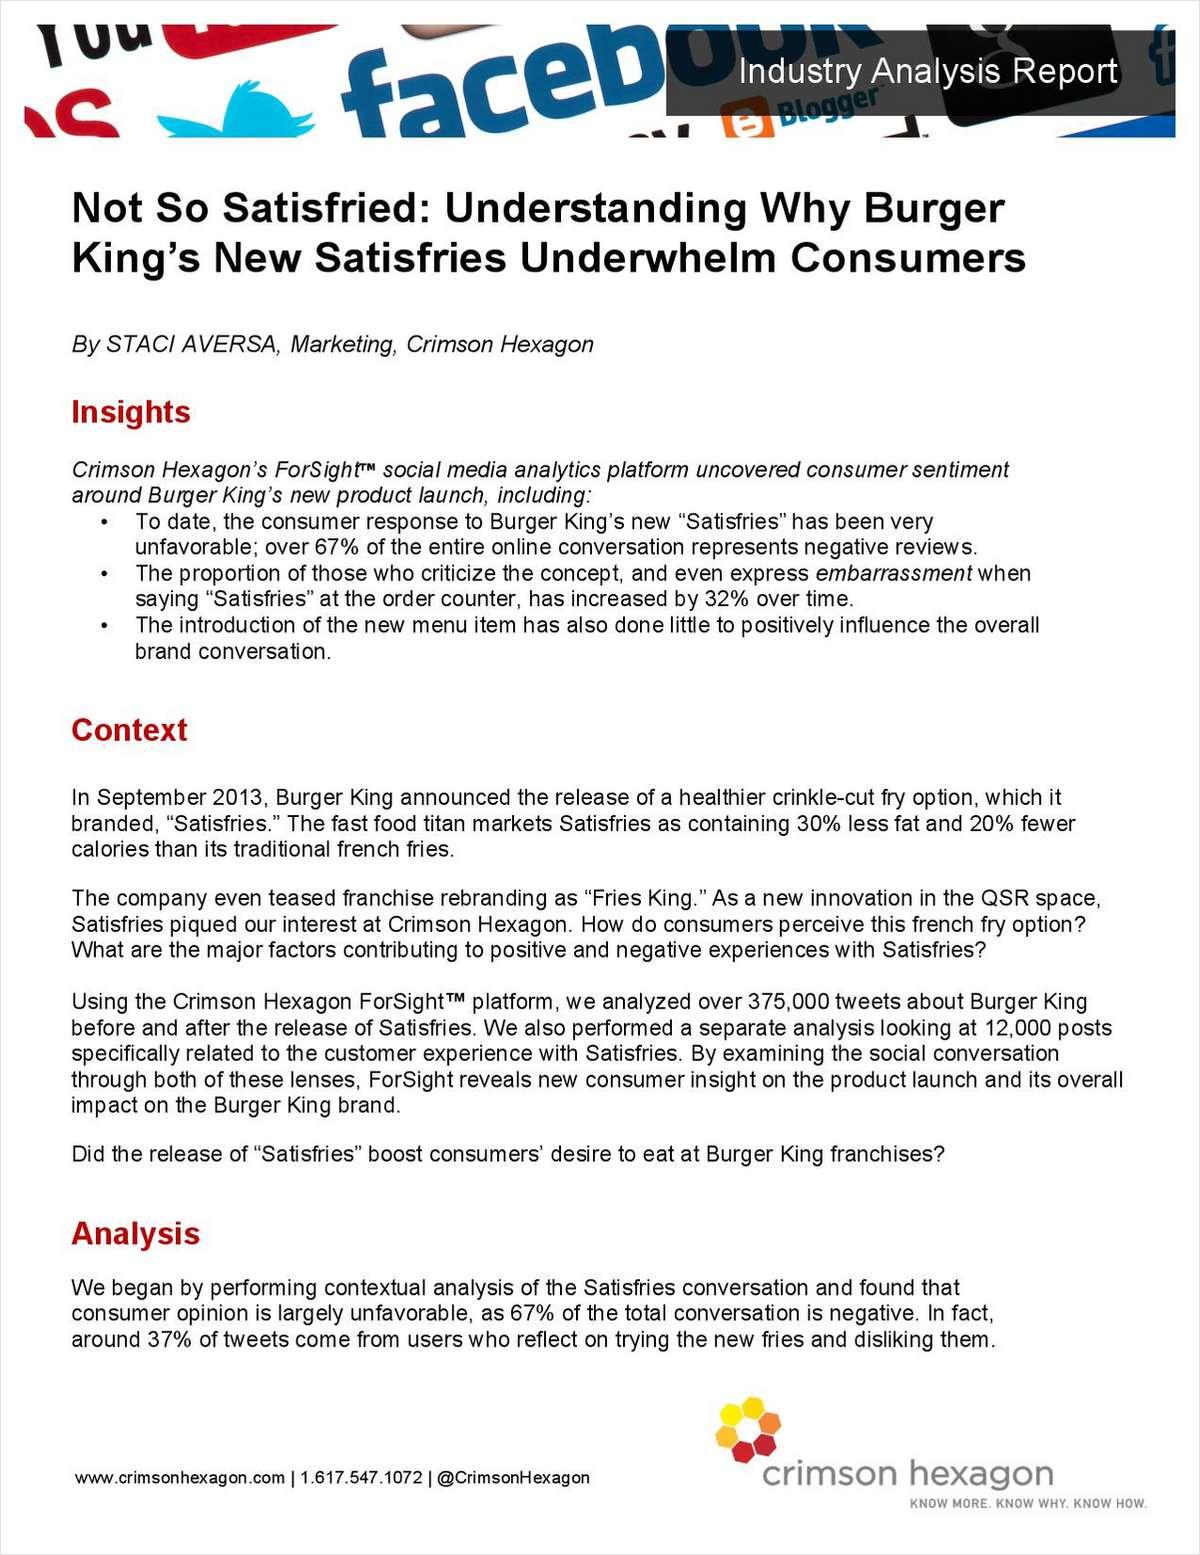 Not So Satisfried: Understanding Why Burger King's New Satisfries Underwhelm Consumers